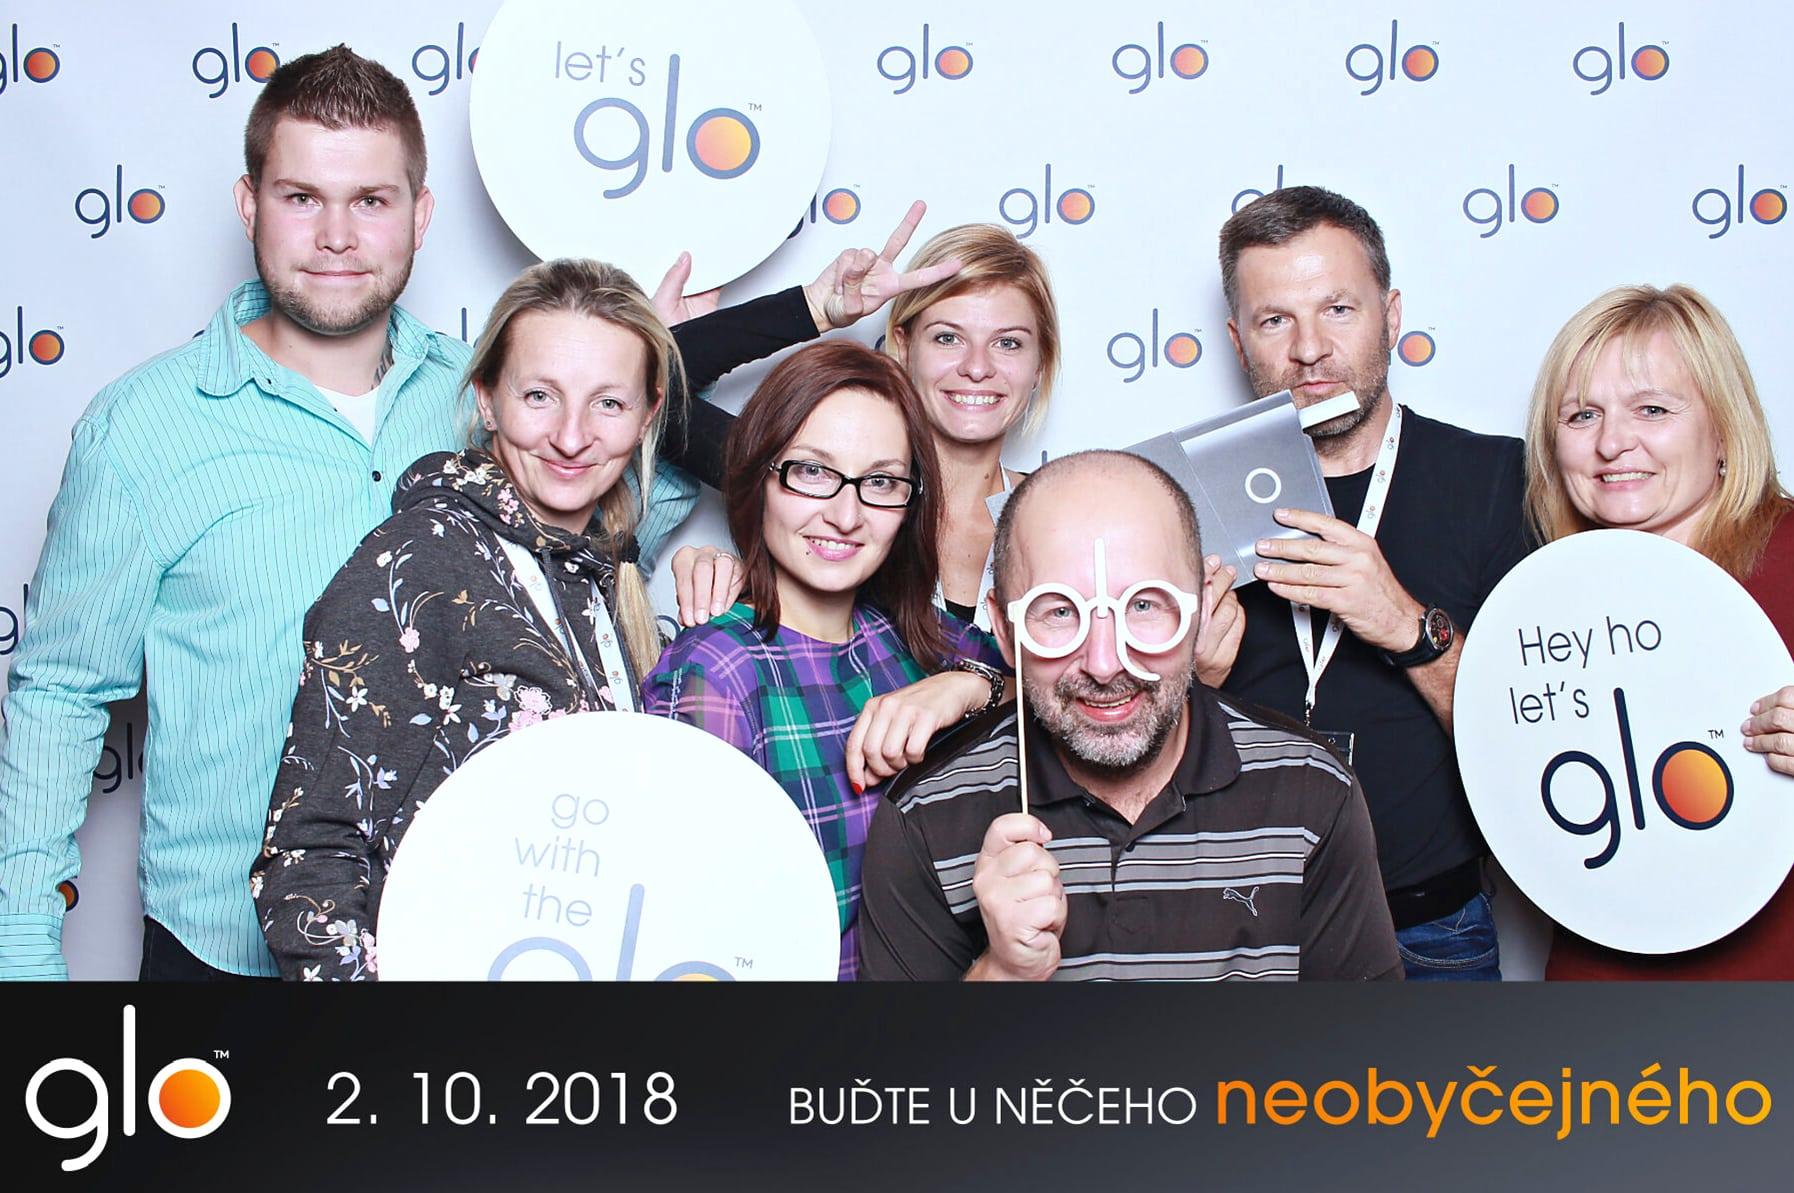 fotokoutek-glo-2-10-2018-501089